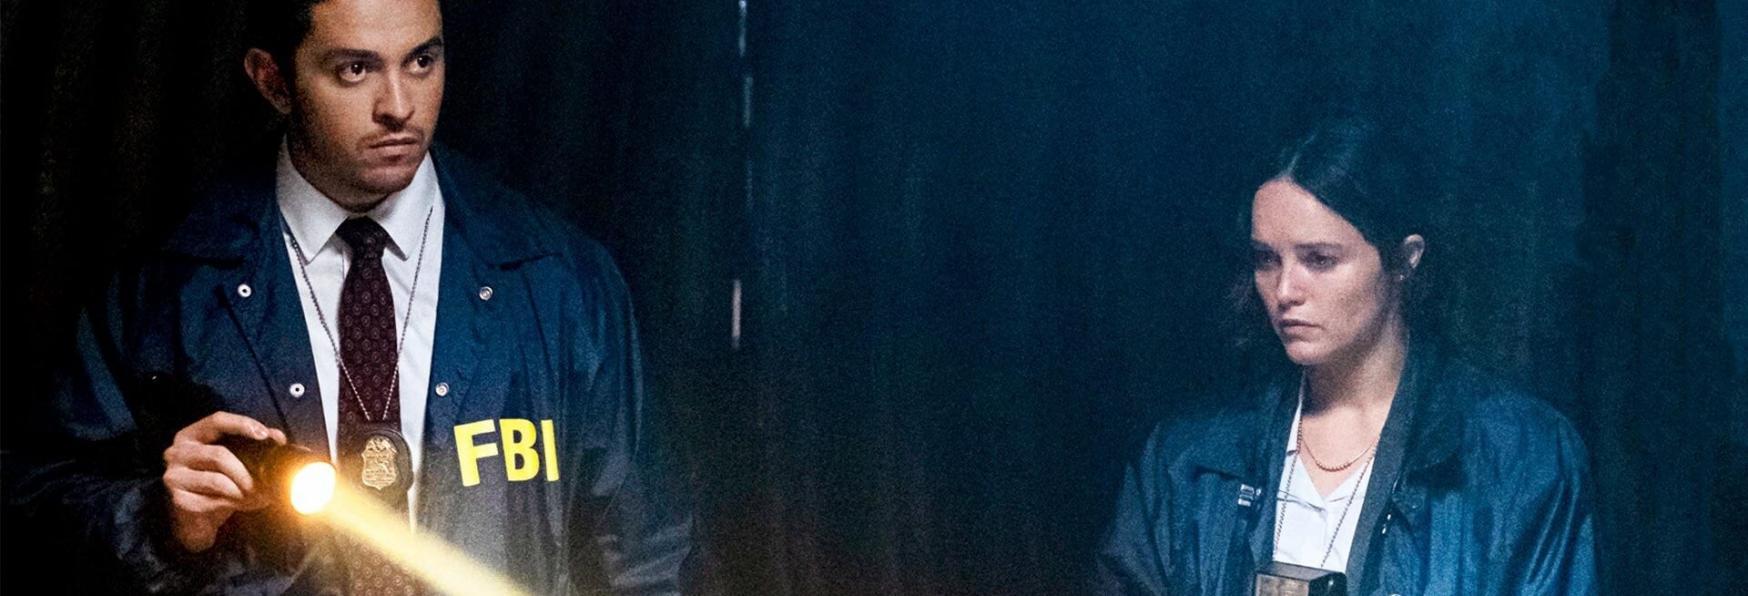 La Rete CBS pubblica i nuovi Trailer di Clarice e The Equalizer